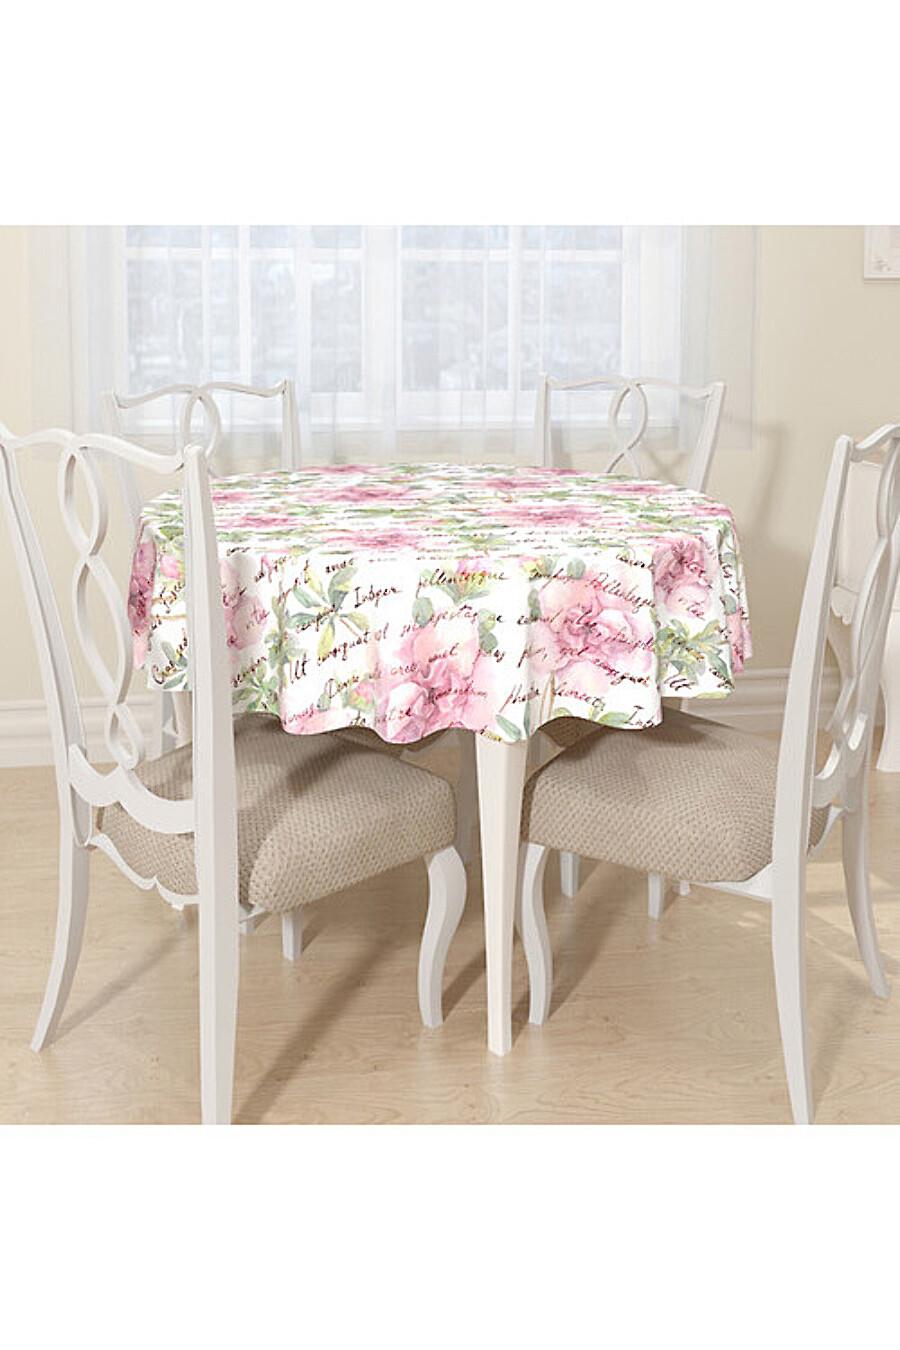 Скатерть для дома ART HOME TEXTILE 180483 купить оптом от производителя. Совместная покупка товаров для дома в OptMoyo